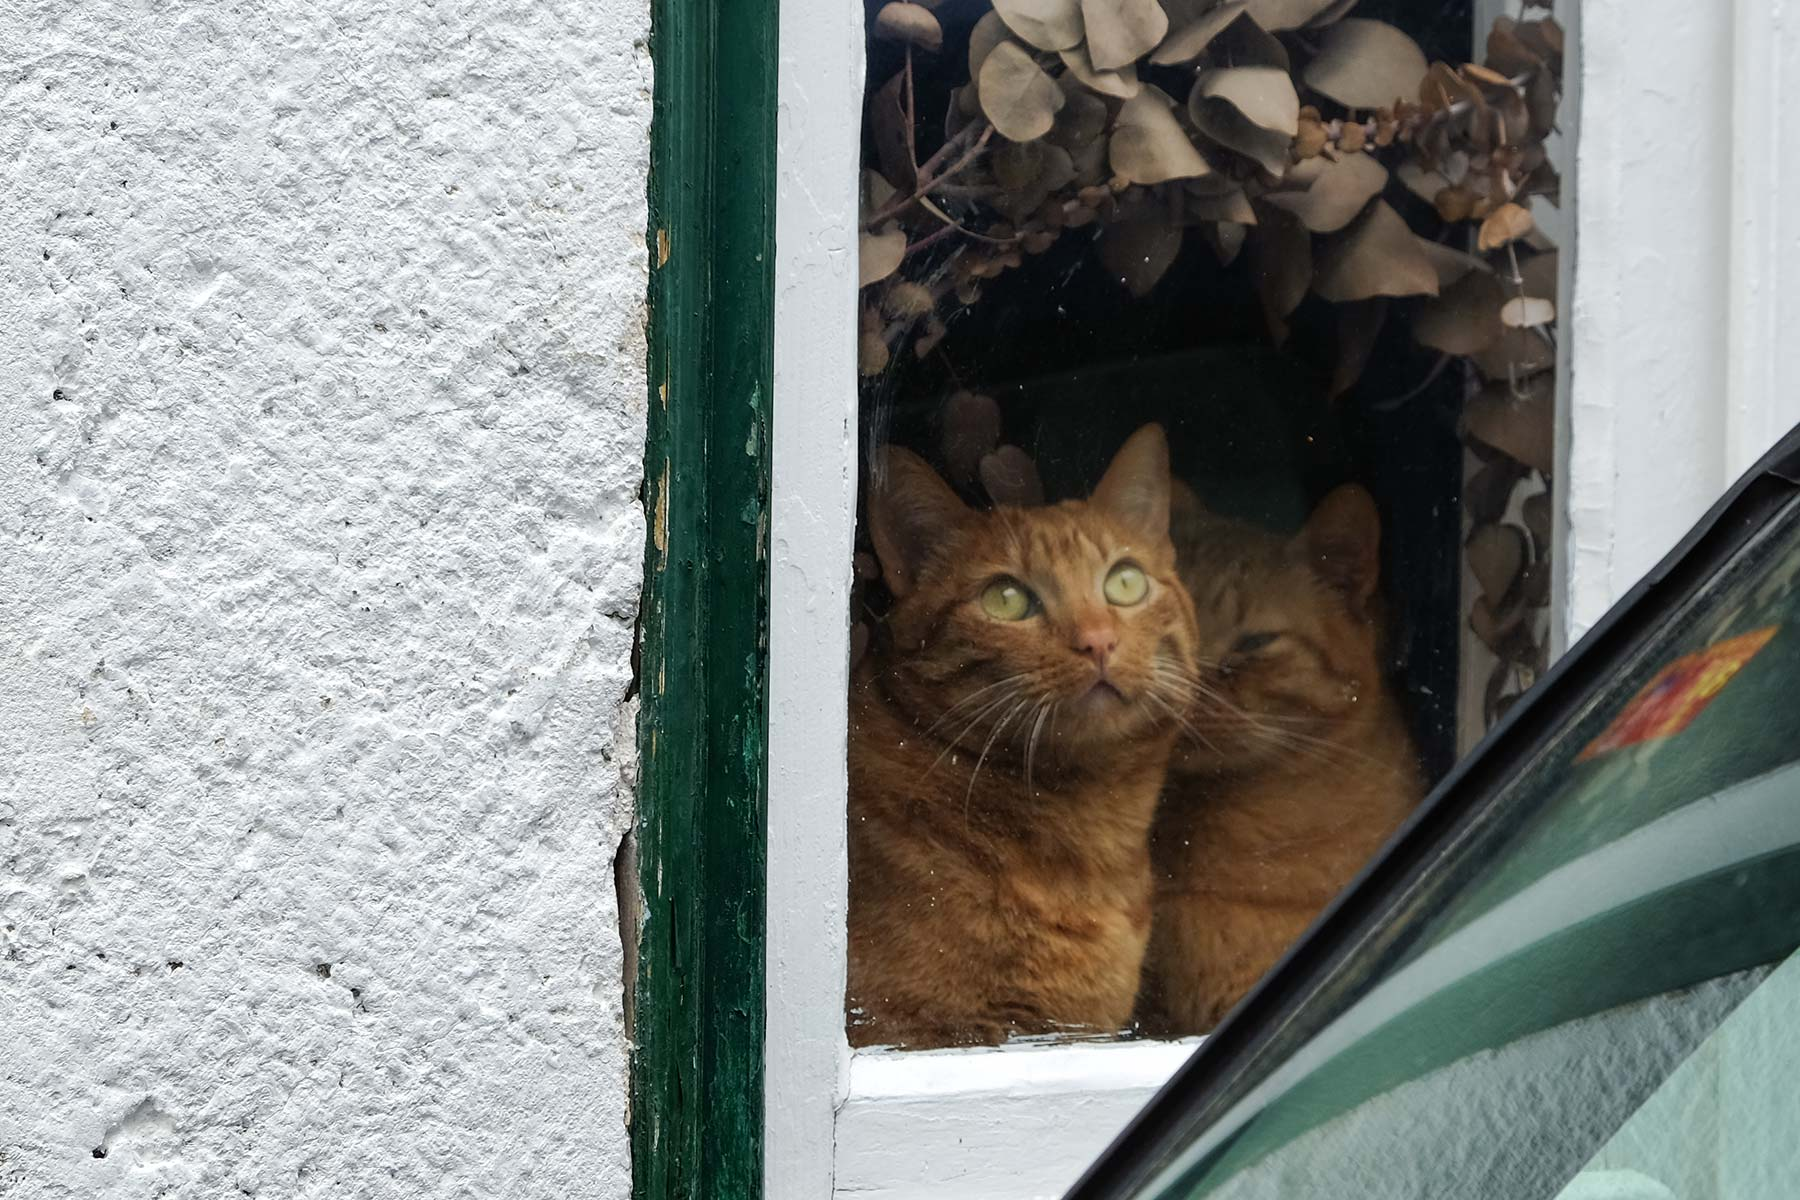 Katzen im Fenster in Lissabon, Portugal